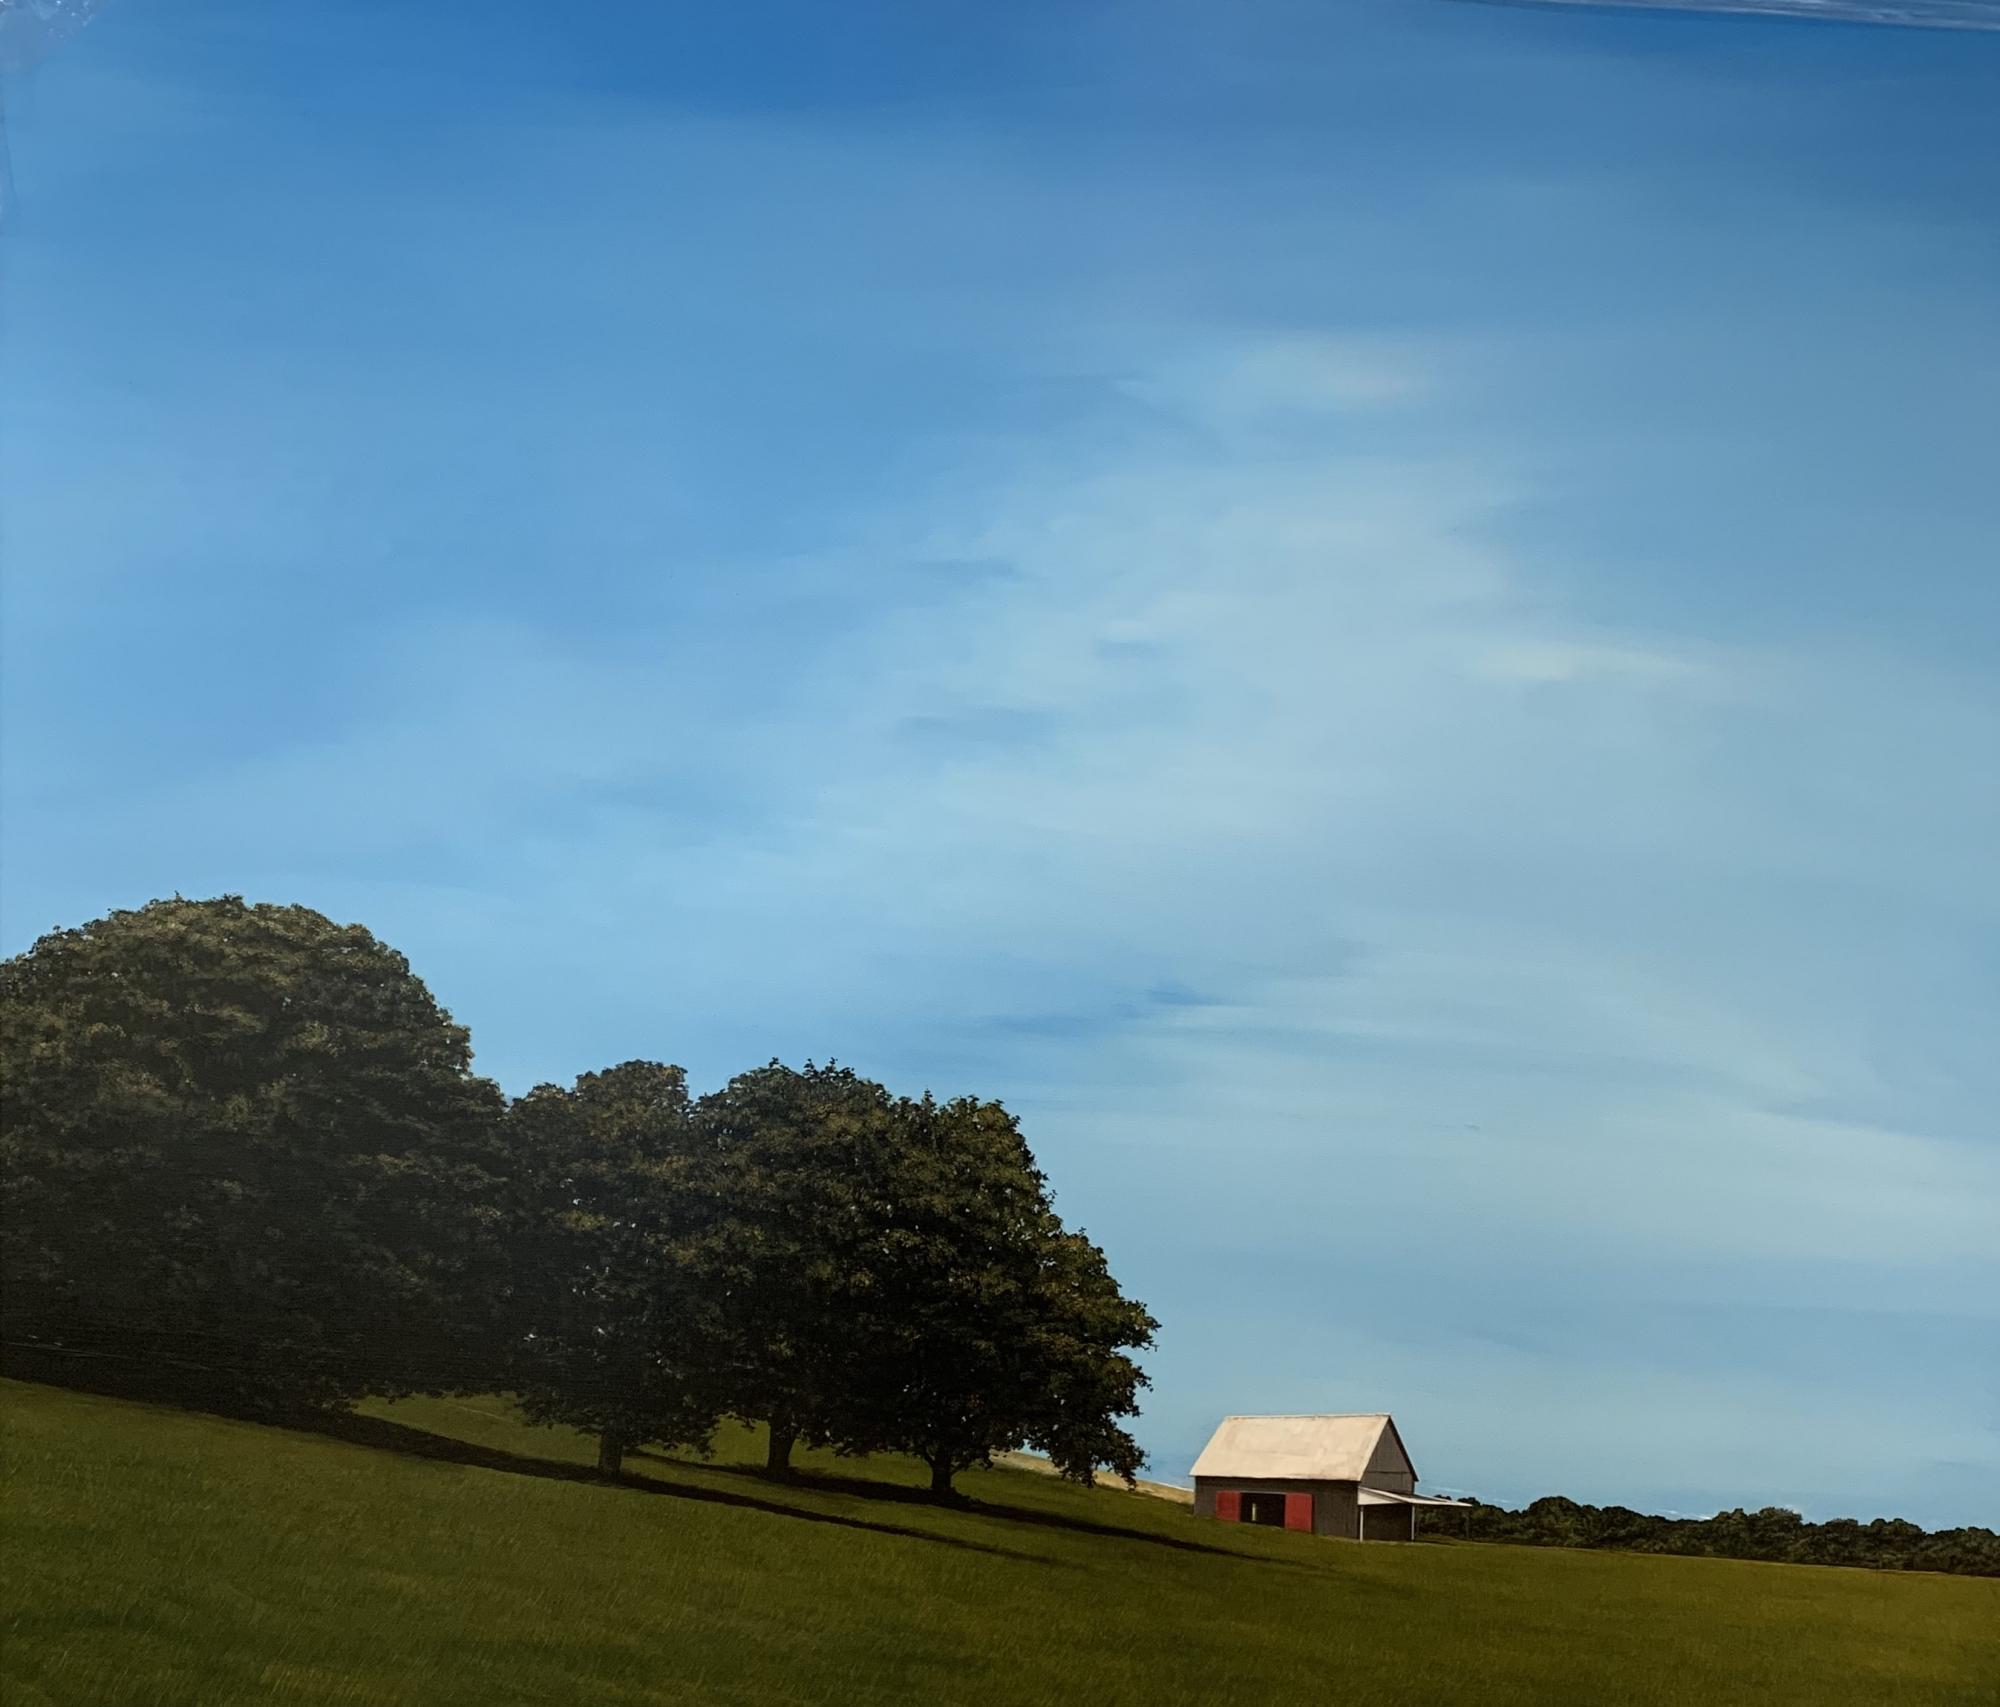 Farmhouse In Field  by Scott Steele